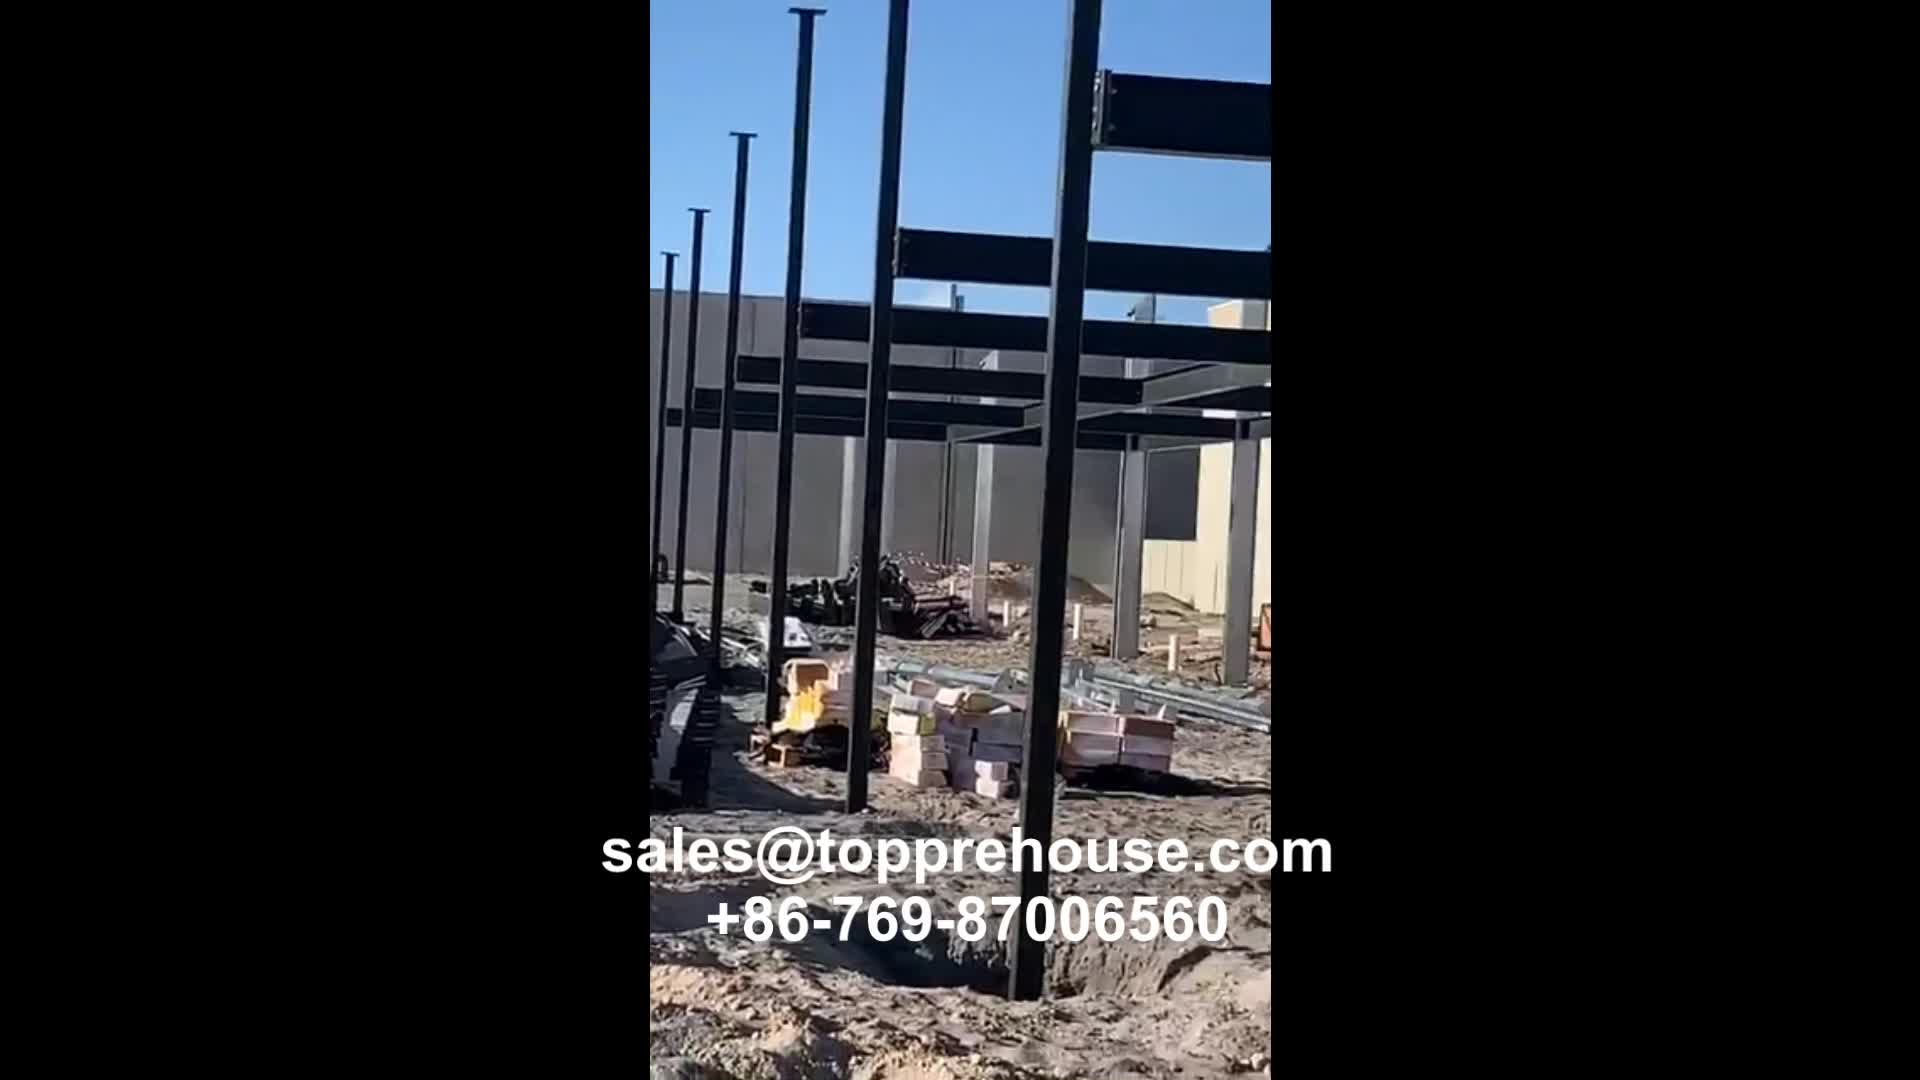 Costo di struttura in acciaio magazzino industriale sala magazzino costruzione in messico affitto